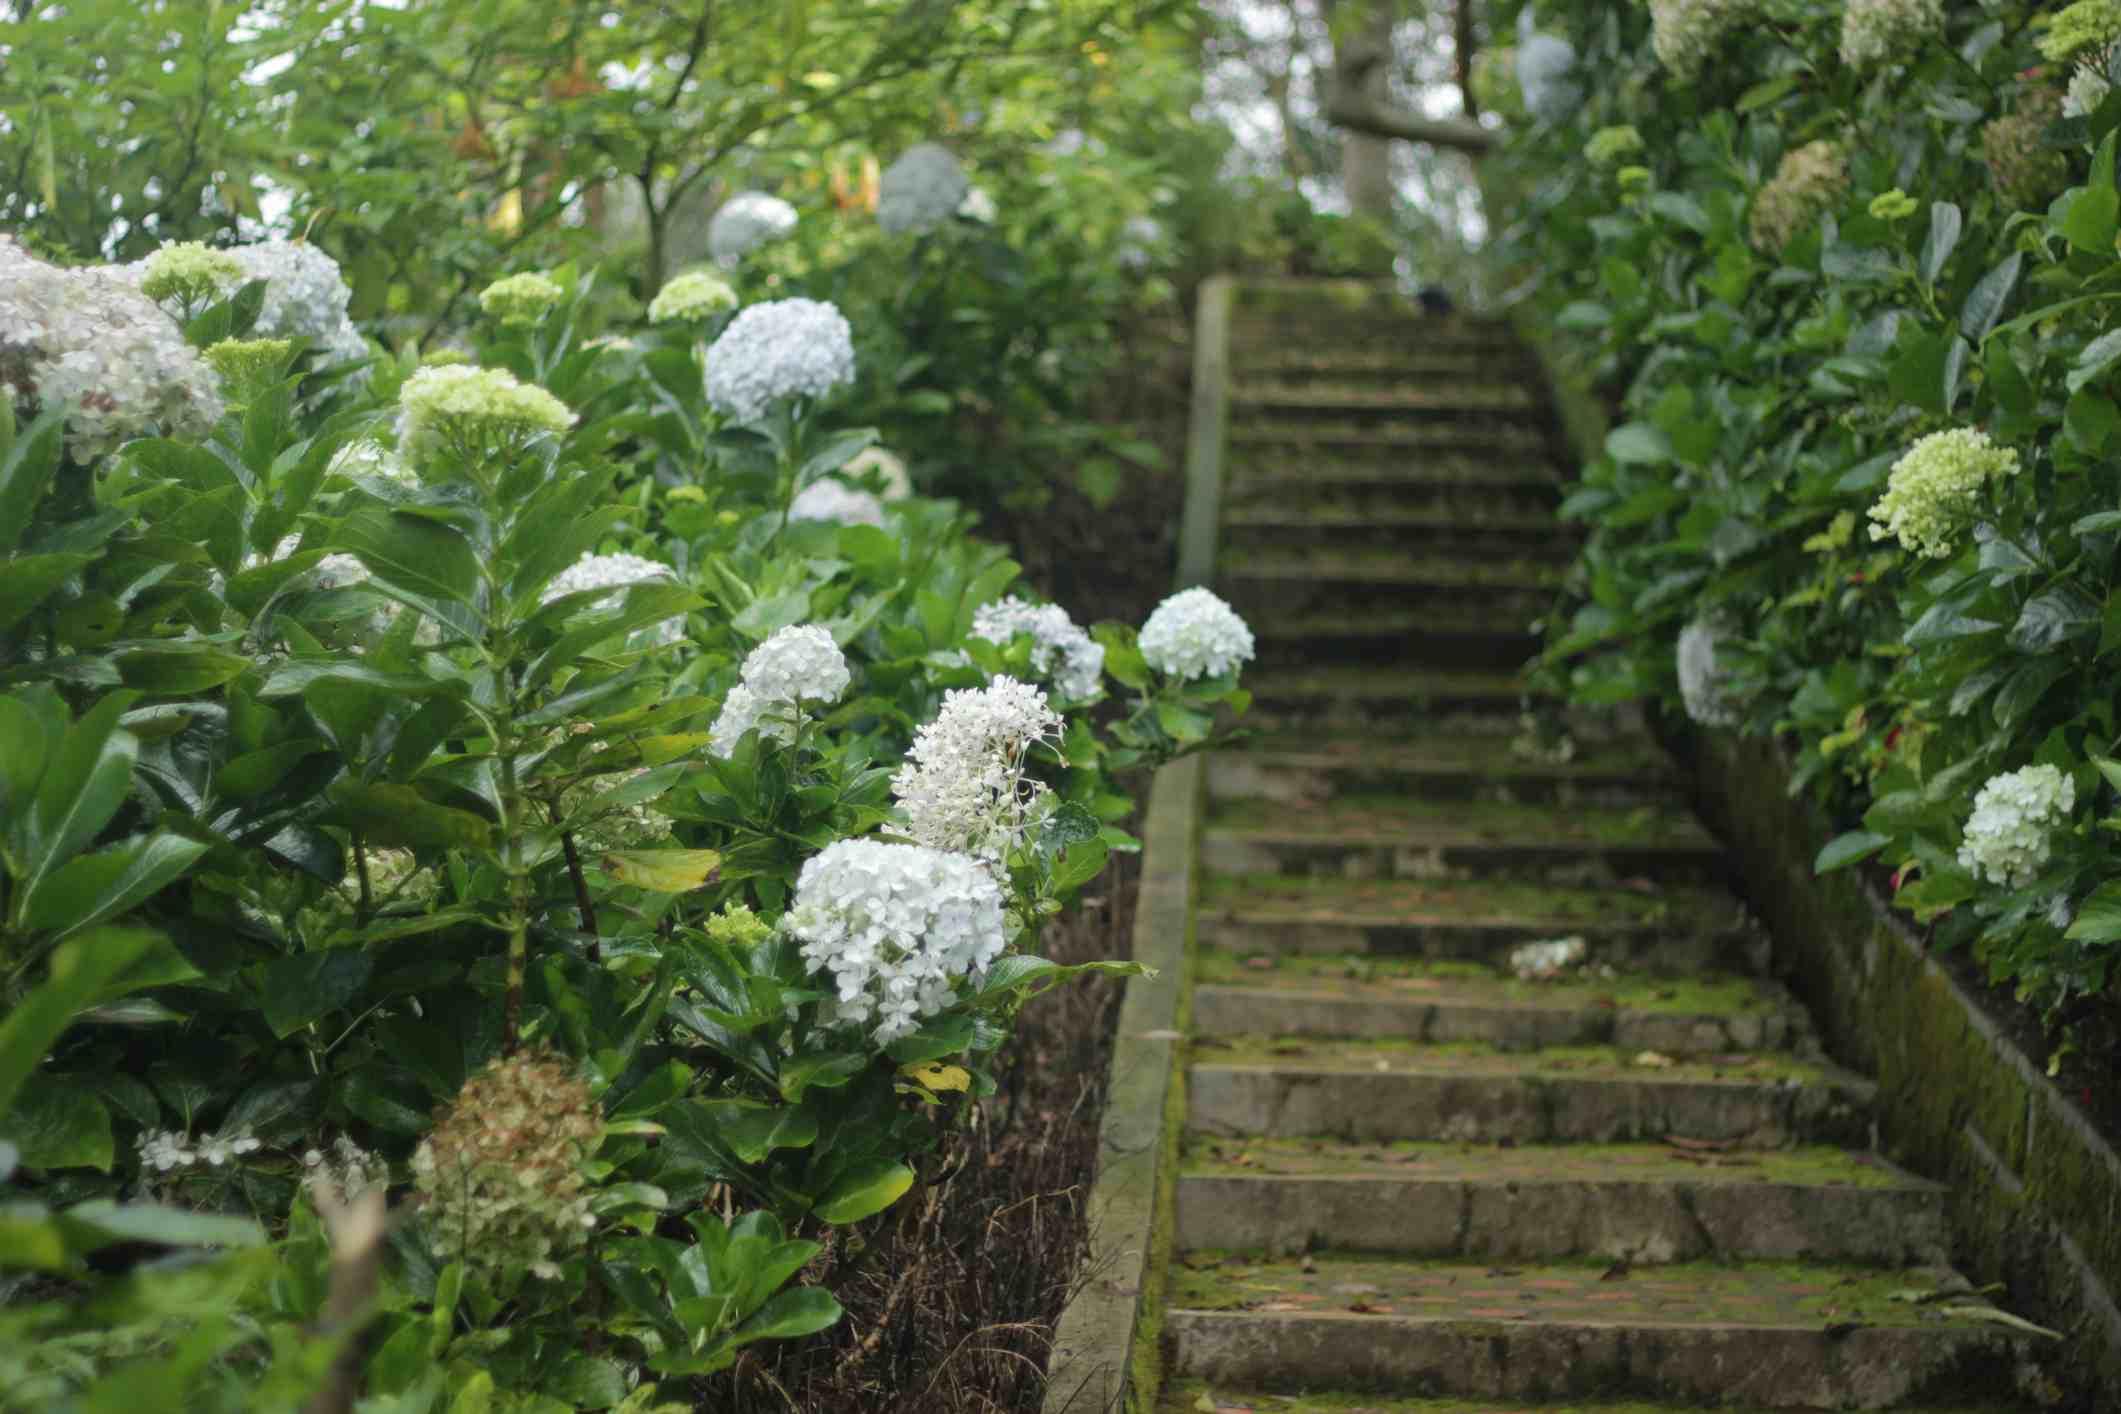 Pasos de jardín de flores